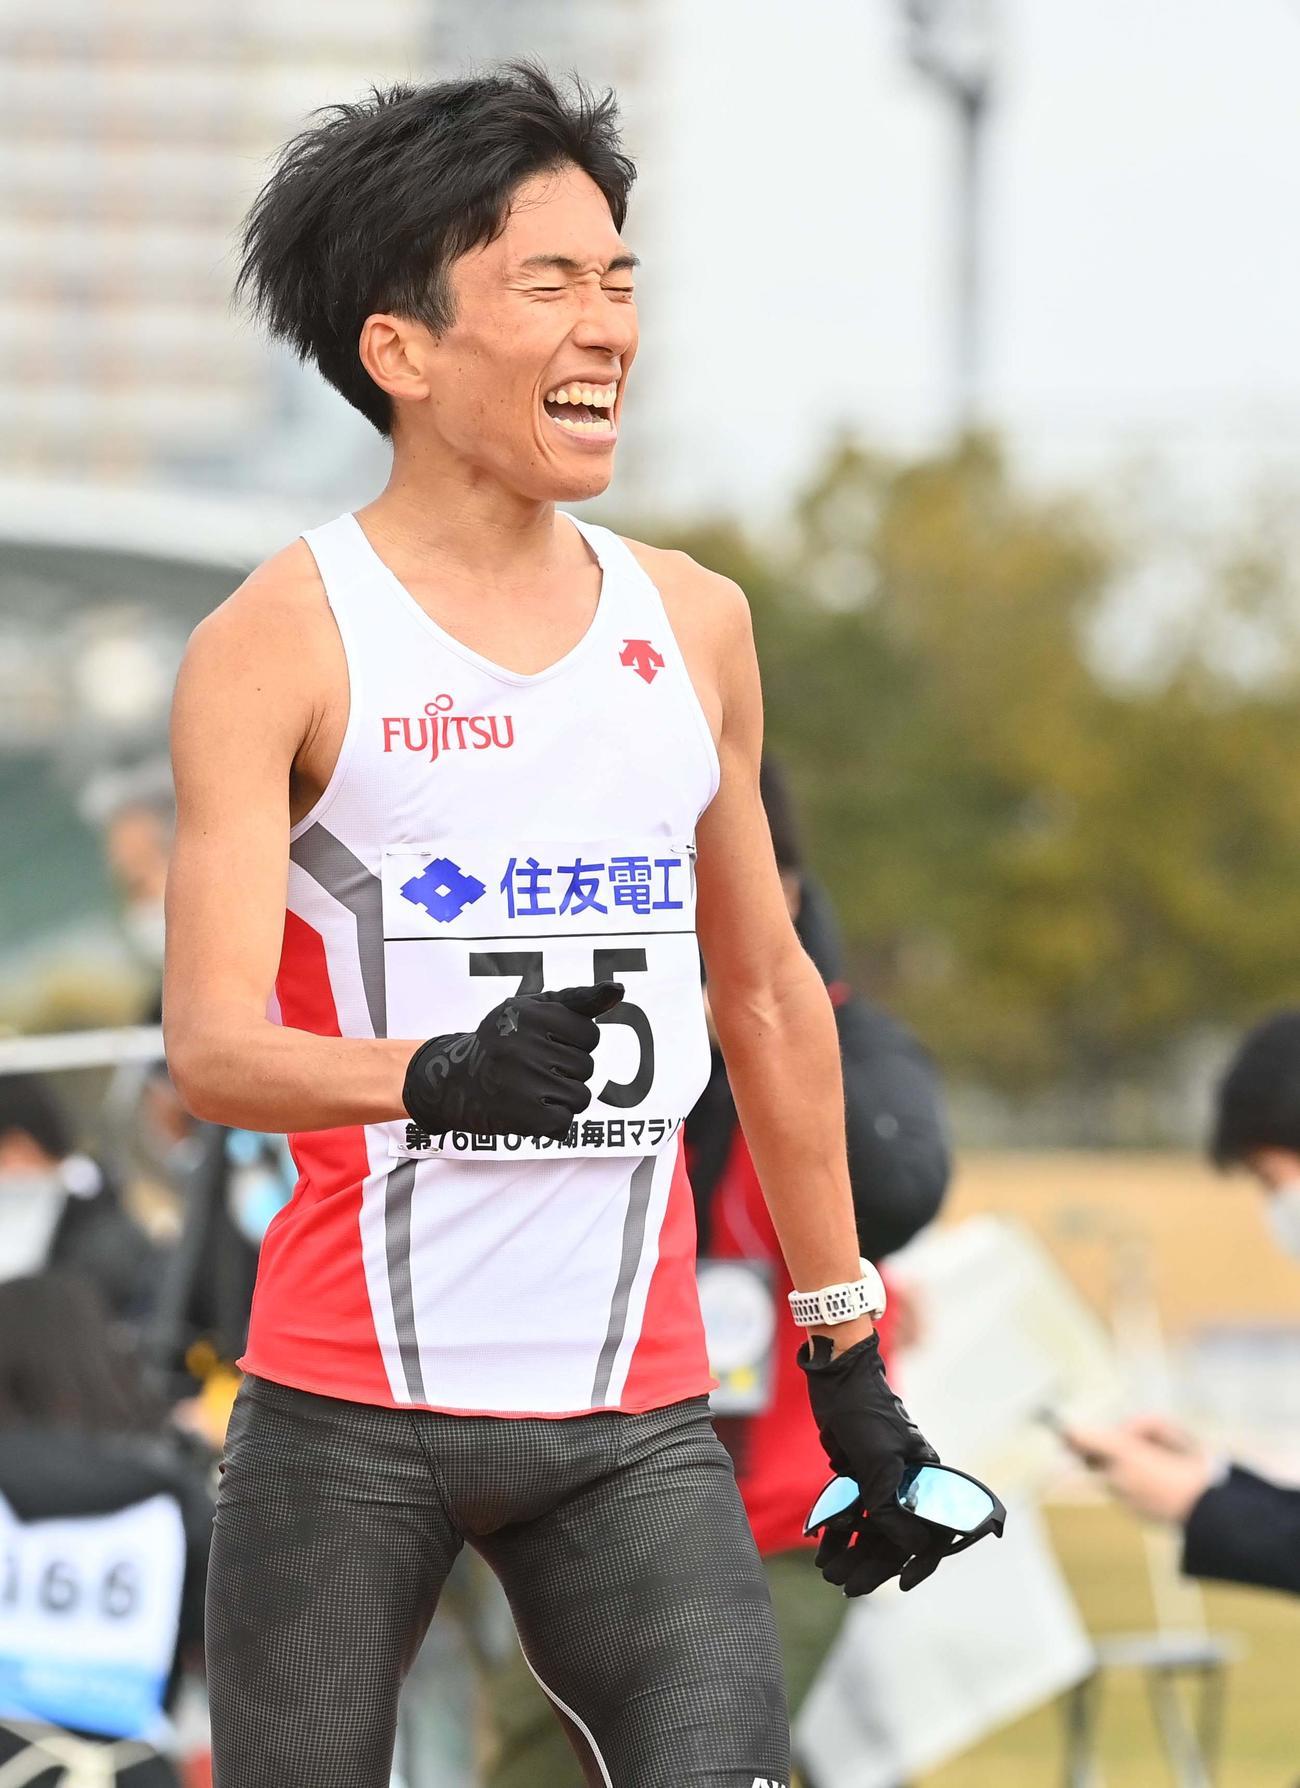 2時間4分56秒の日本新記録で初優勝を果たした鈴木はゴール後、雄たけびを上げる(撮影・上田博志)